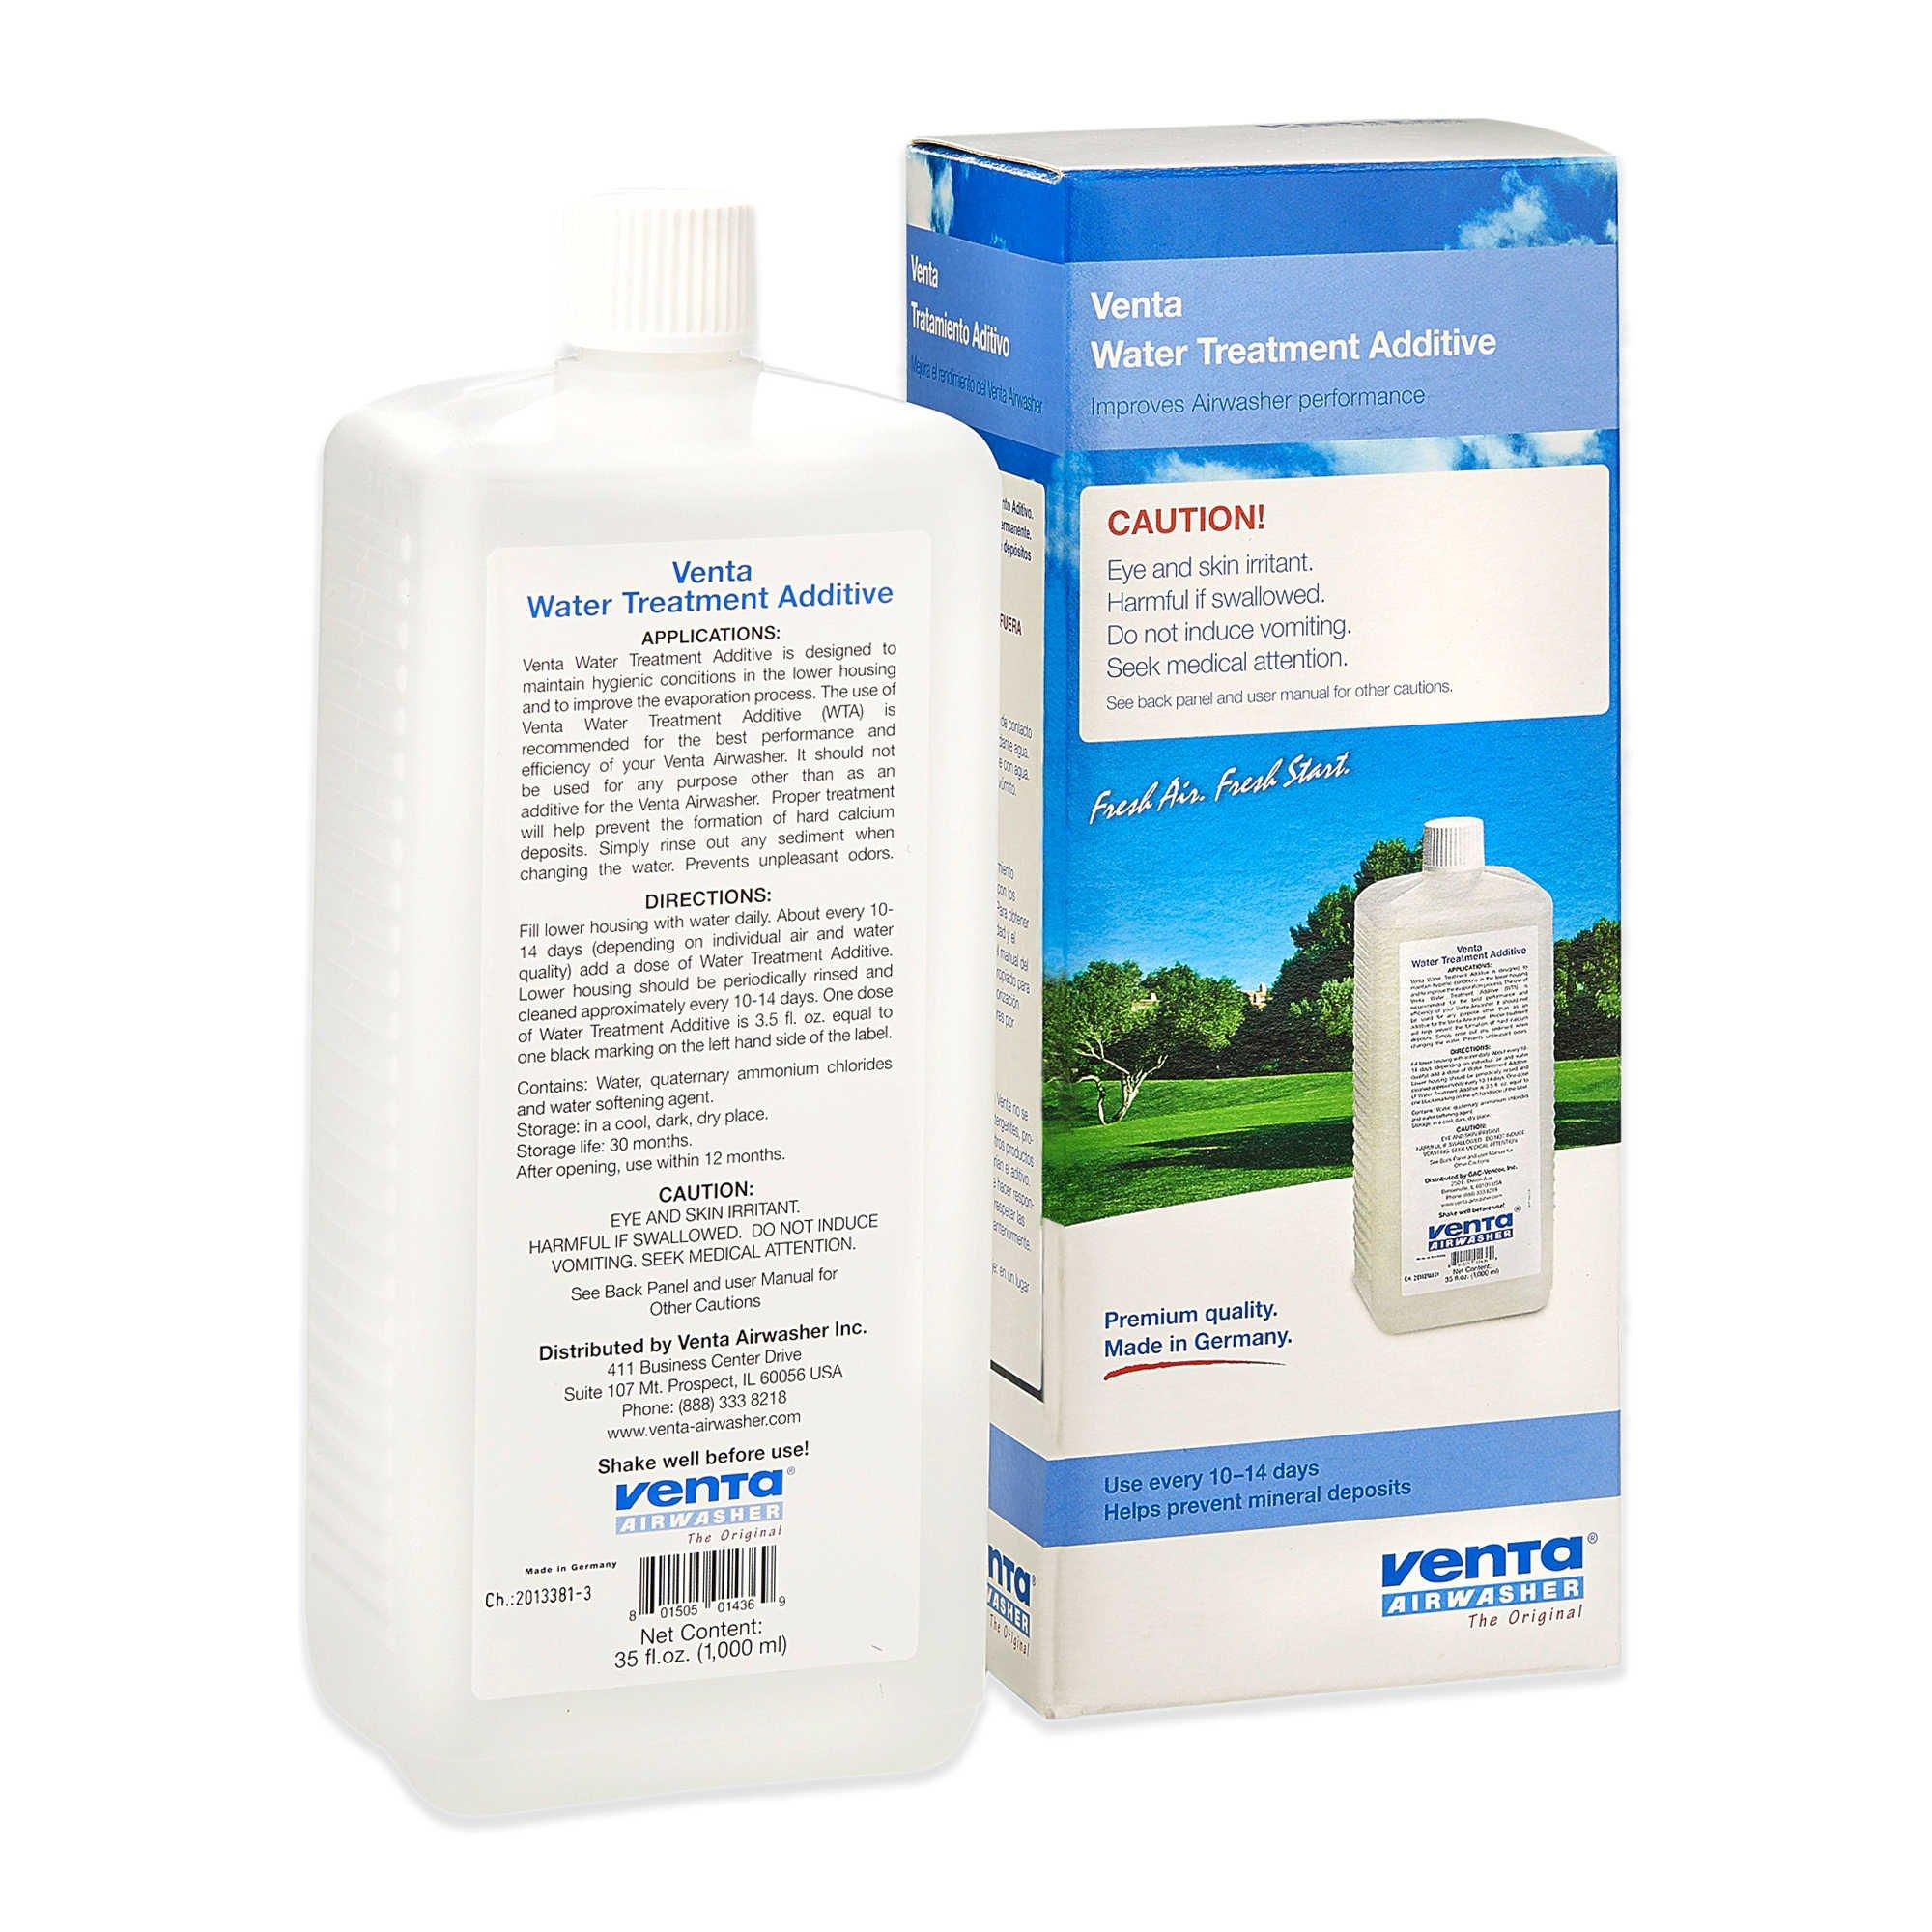 Venta Airwasher Water Treatment Additive, 35 oz Bottle (3)